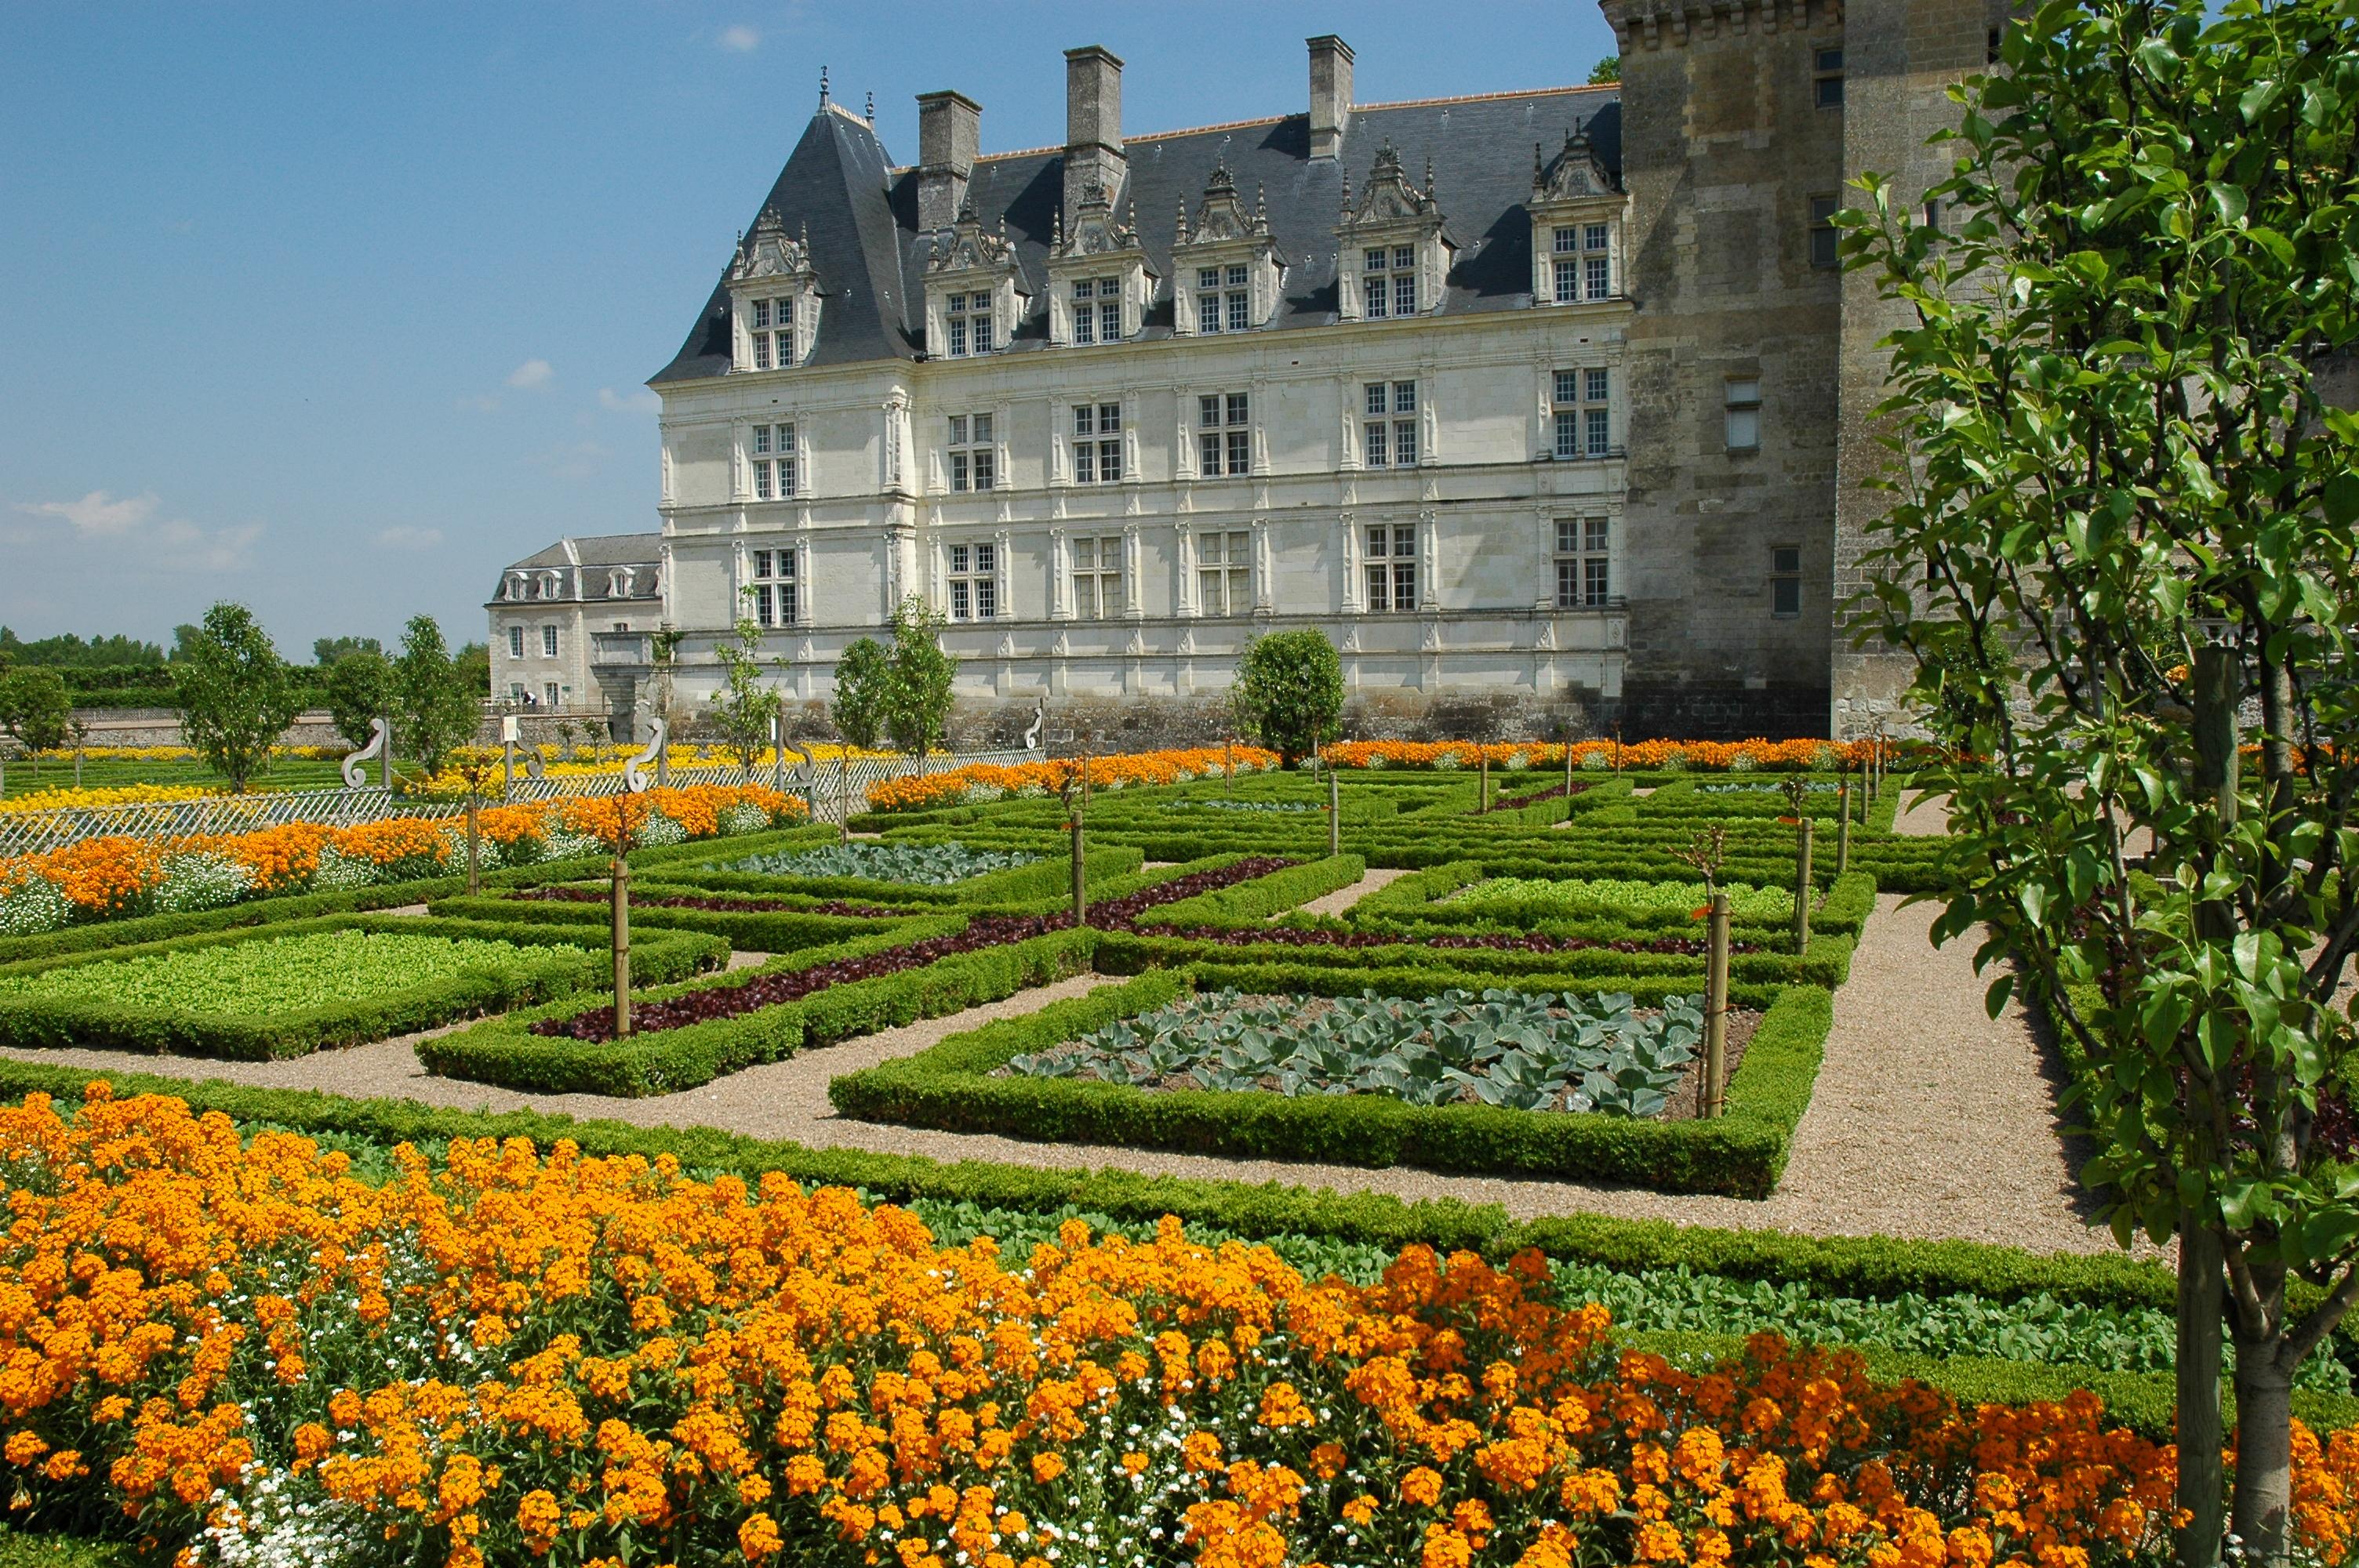 D couvrez les ch teaux de la loire en groupe r f 300 s jour groupe d couverte voyage - Les plus beaux jardins des chateaux de la loire ...